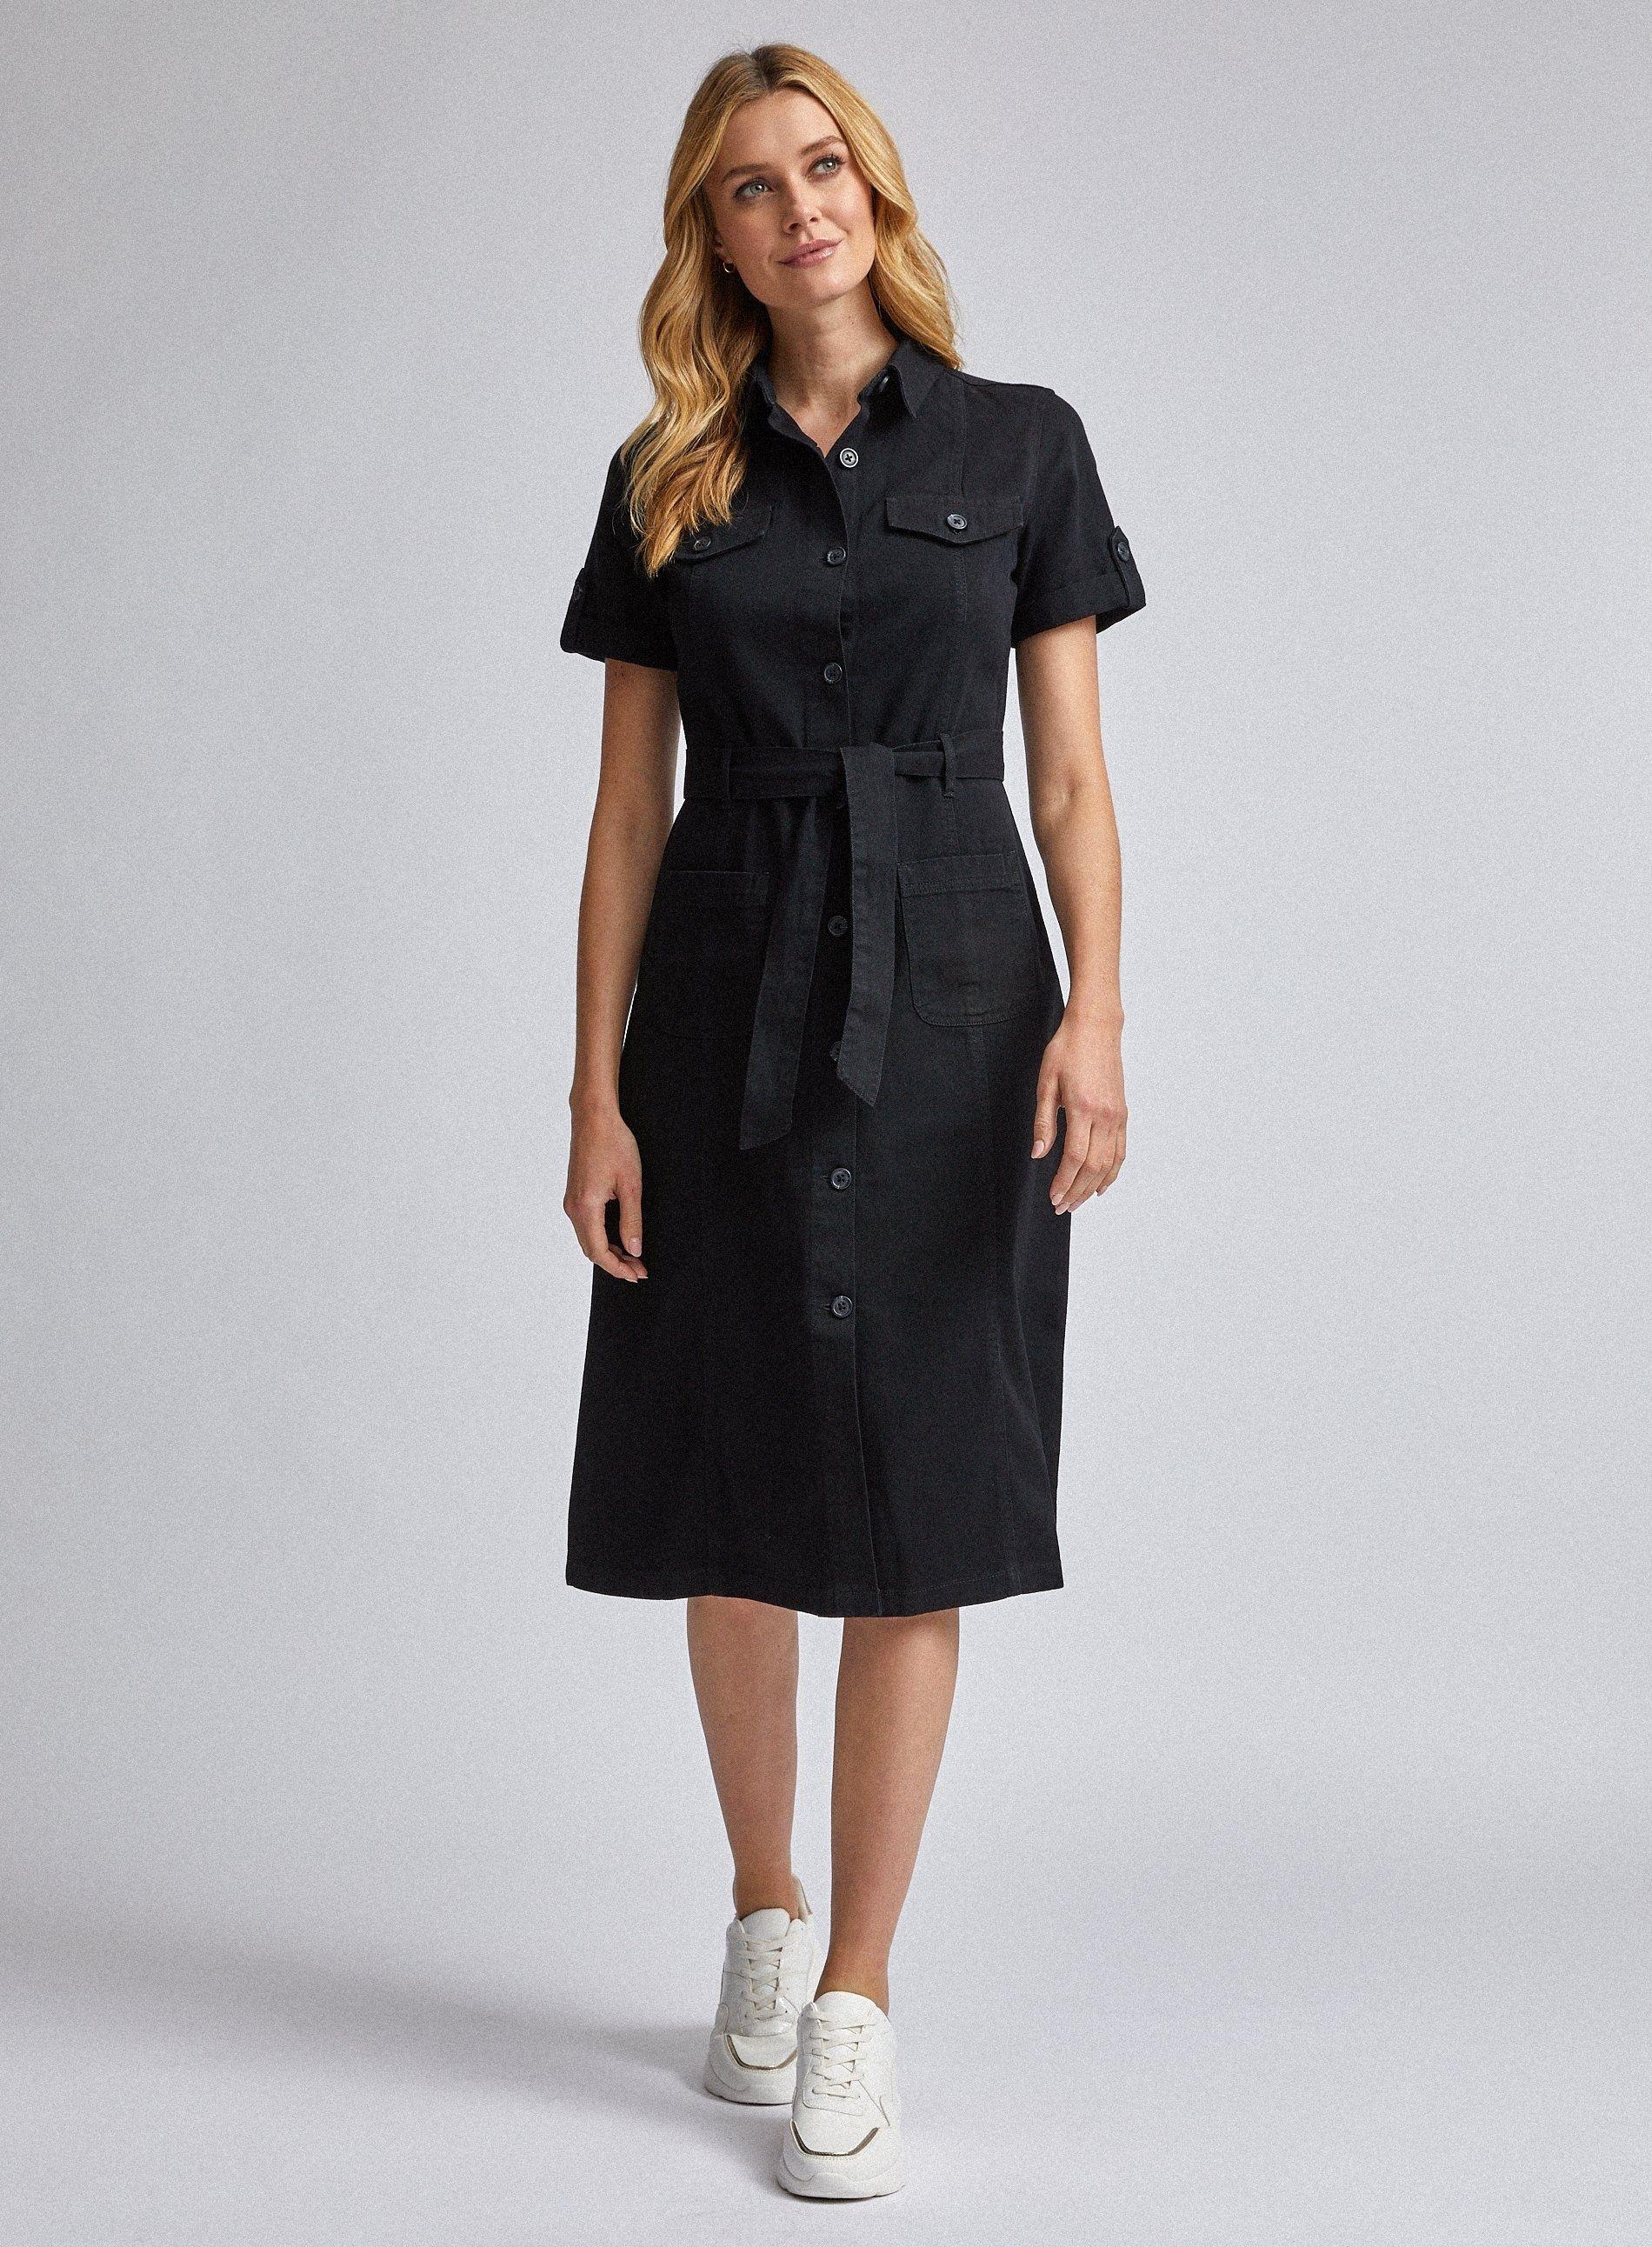 Dorothy Perkins Womens Black Denim Shirt Dress Knee-Long Short Sleeve Buttons